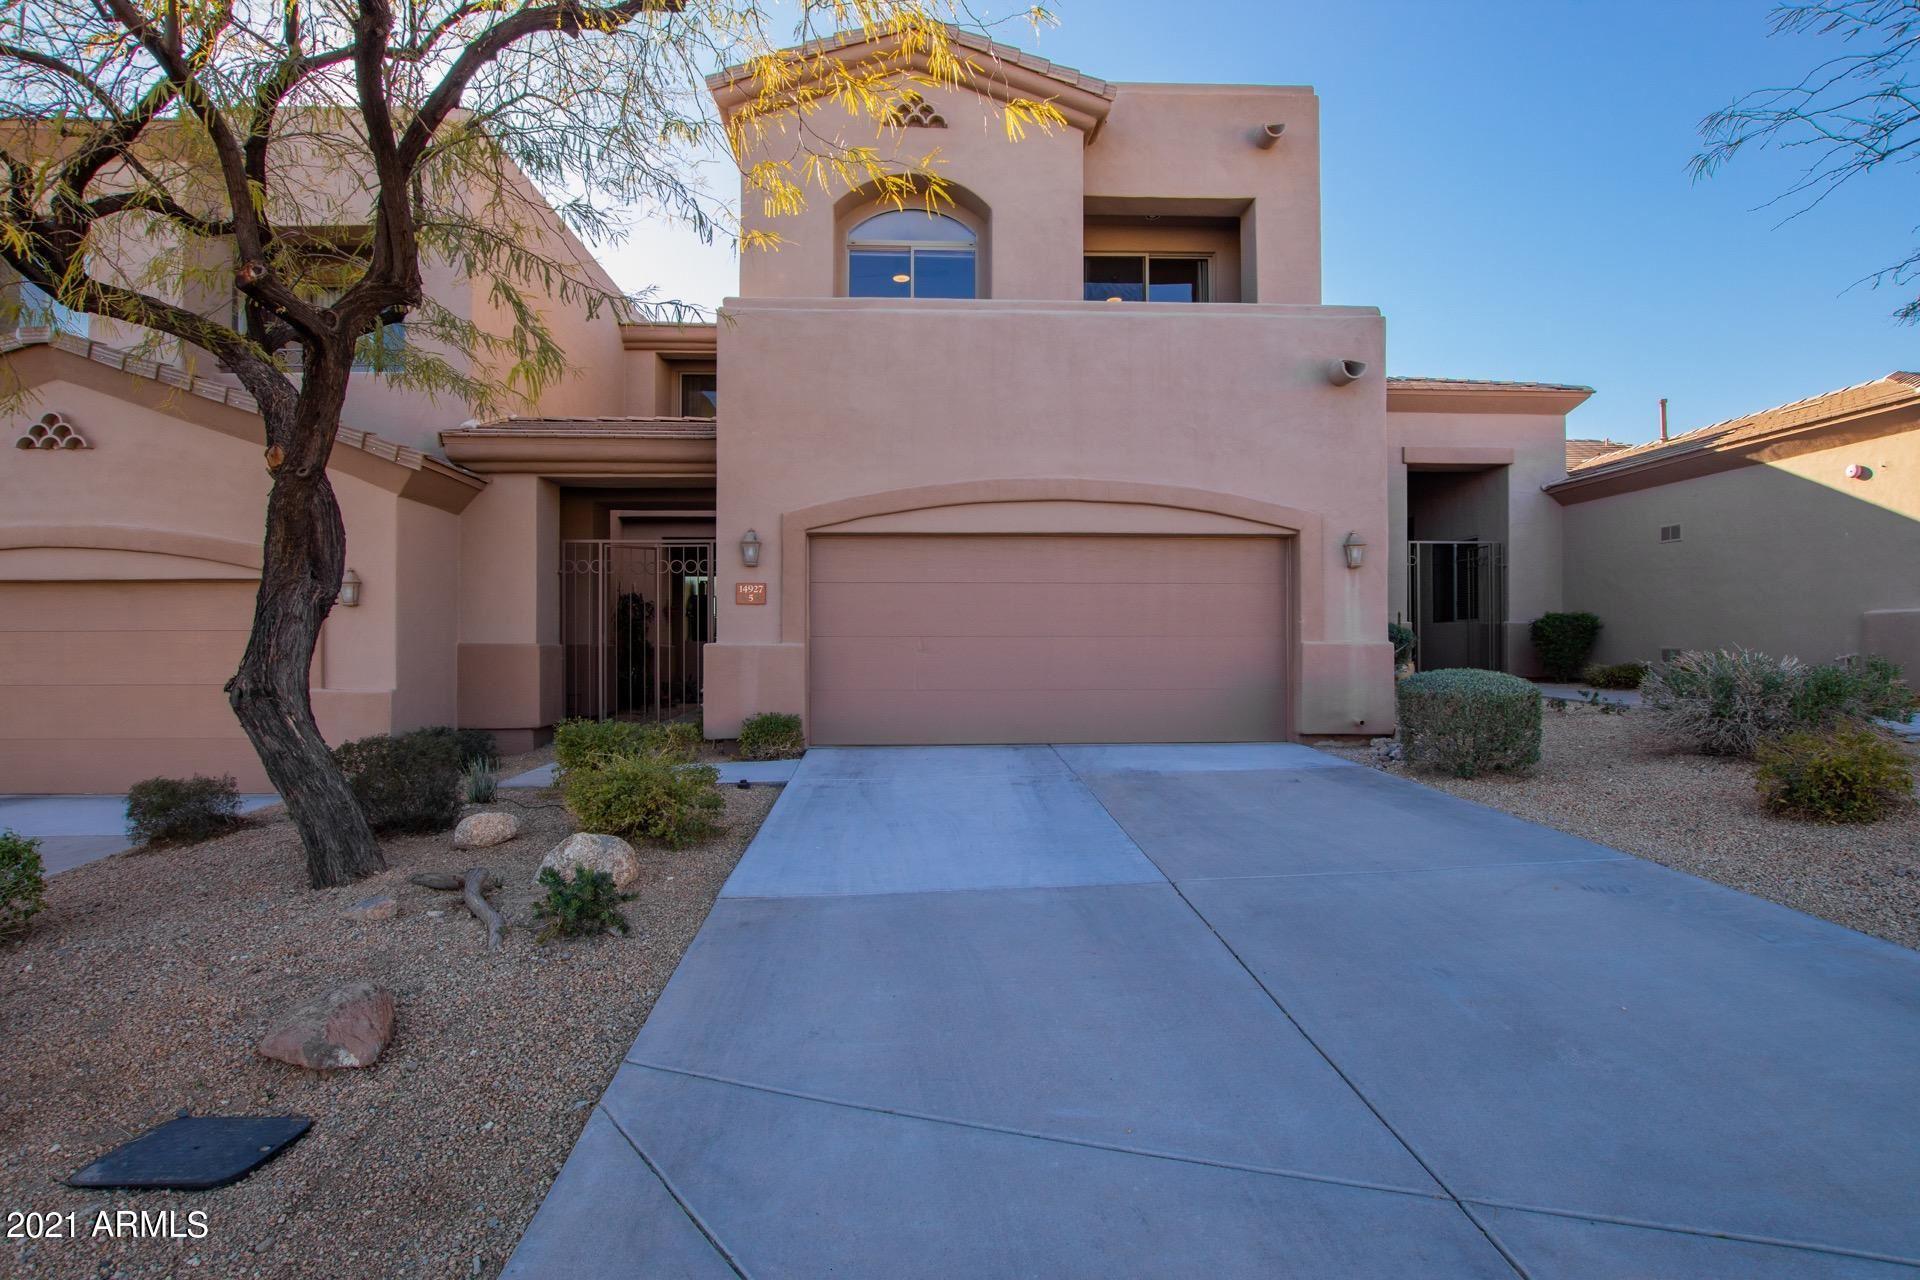 Photo of 14927 E DESERT WILLOW Drive #5, Fountain Hills, AZ 85268 (MLS # 6197213)